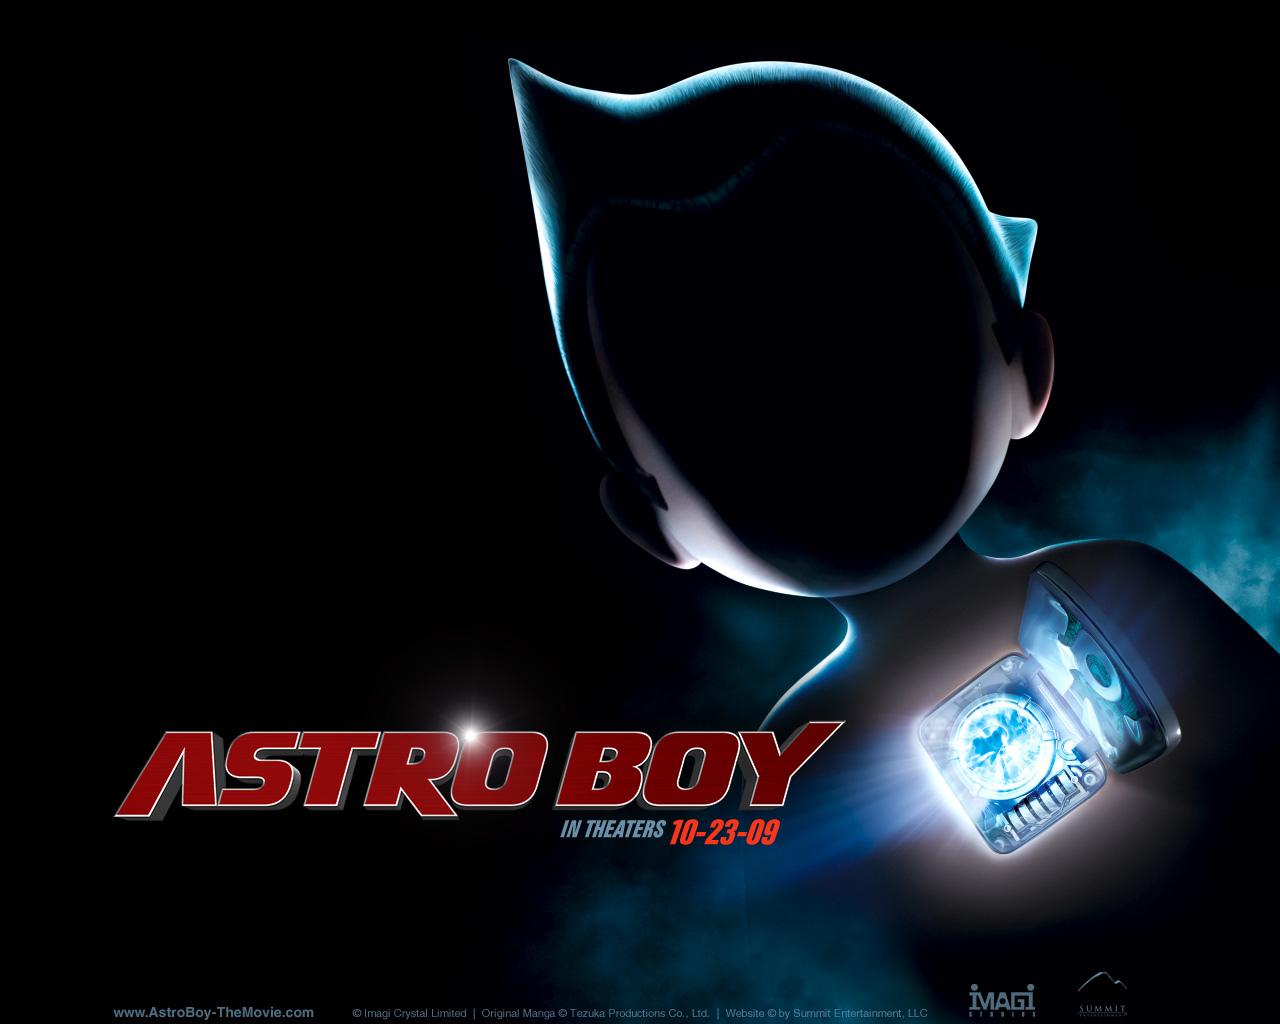 http://3.bp.blogspot.com/-v1olJ7LSUVc/UBkkNb4uxTI/AAAAAAAAVV4/Ln0YpCLlzGQ/s1600/astro_boy01.jpg